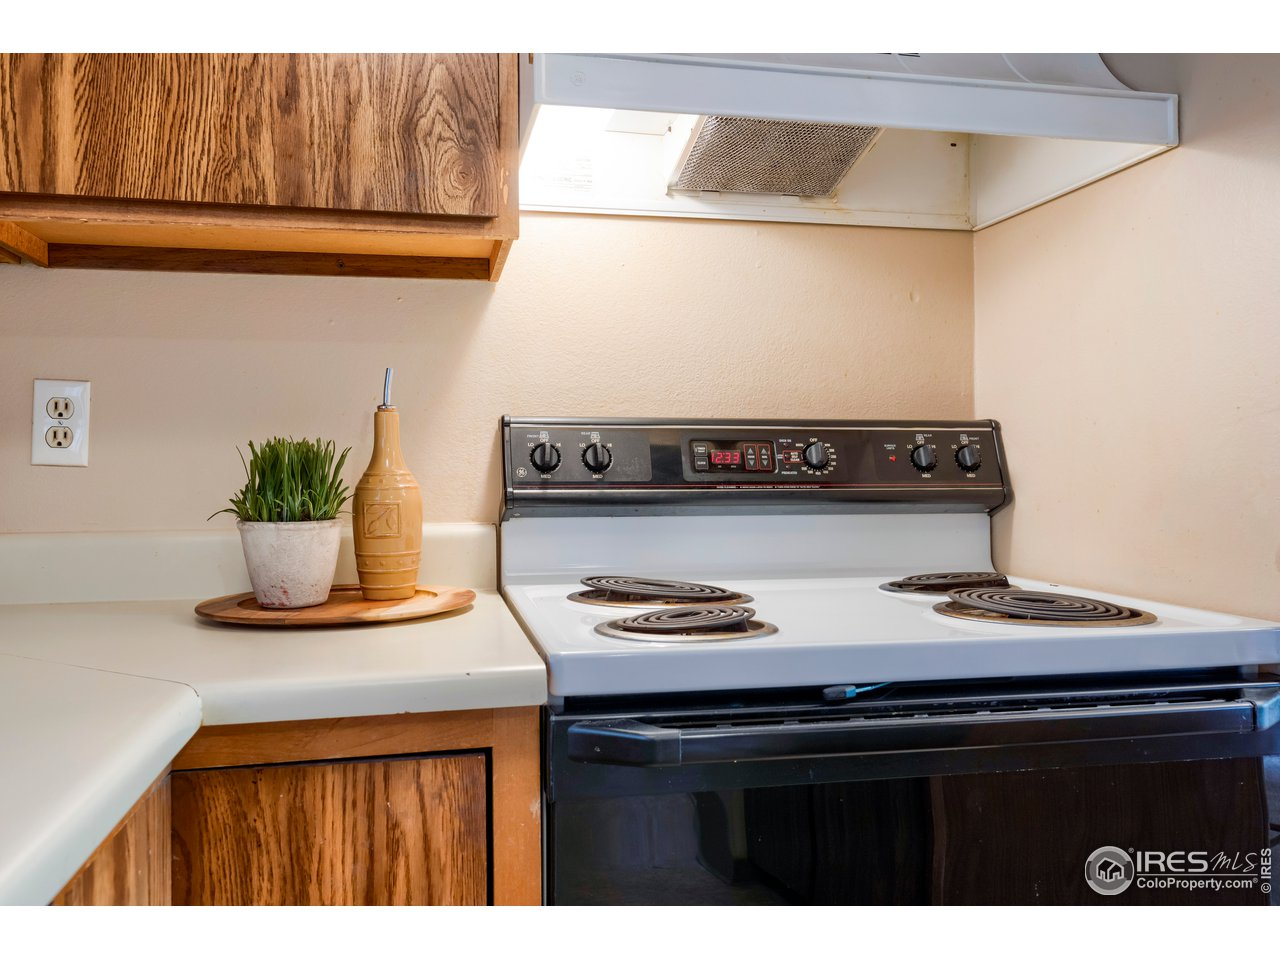 Plenty of work space in kitchen